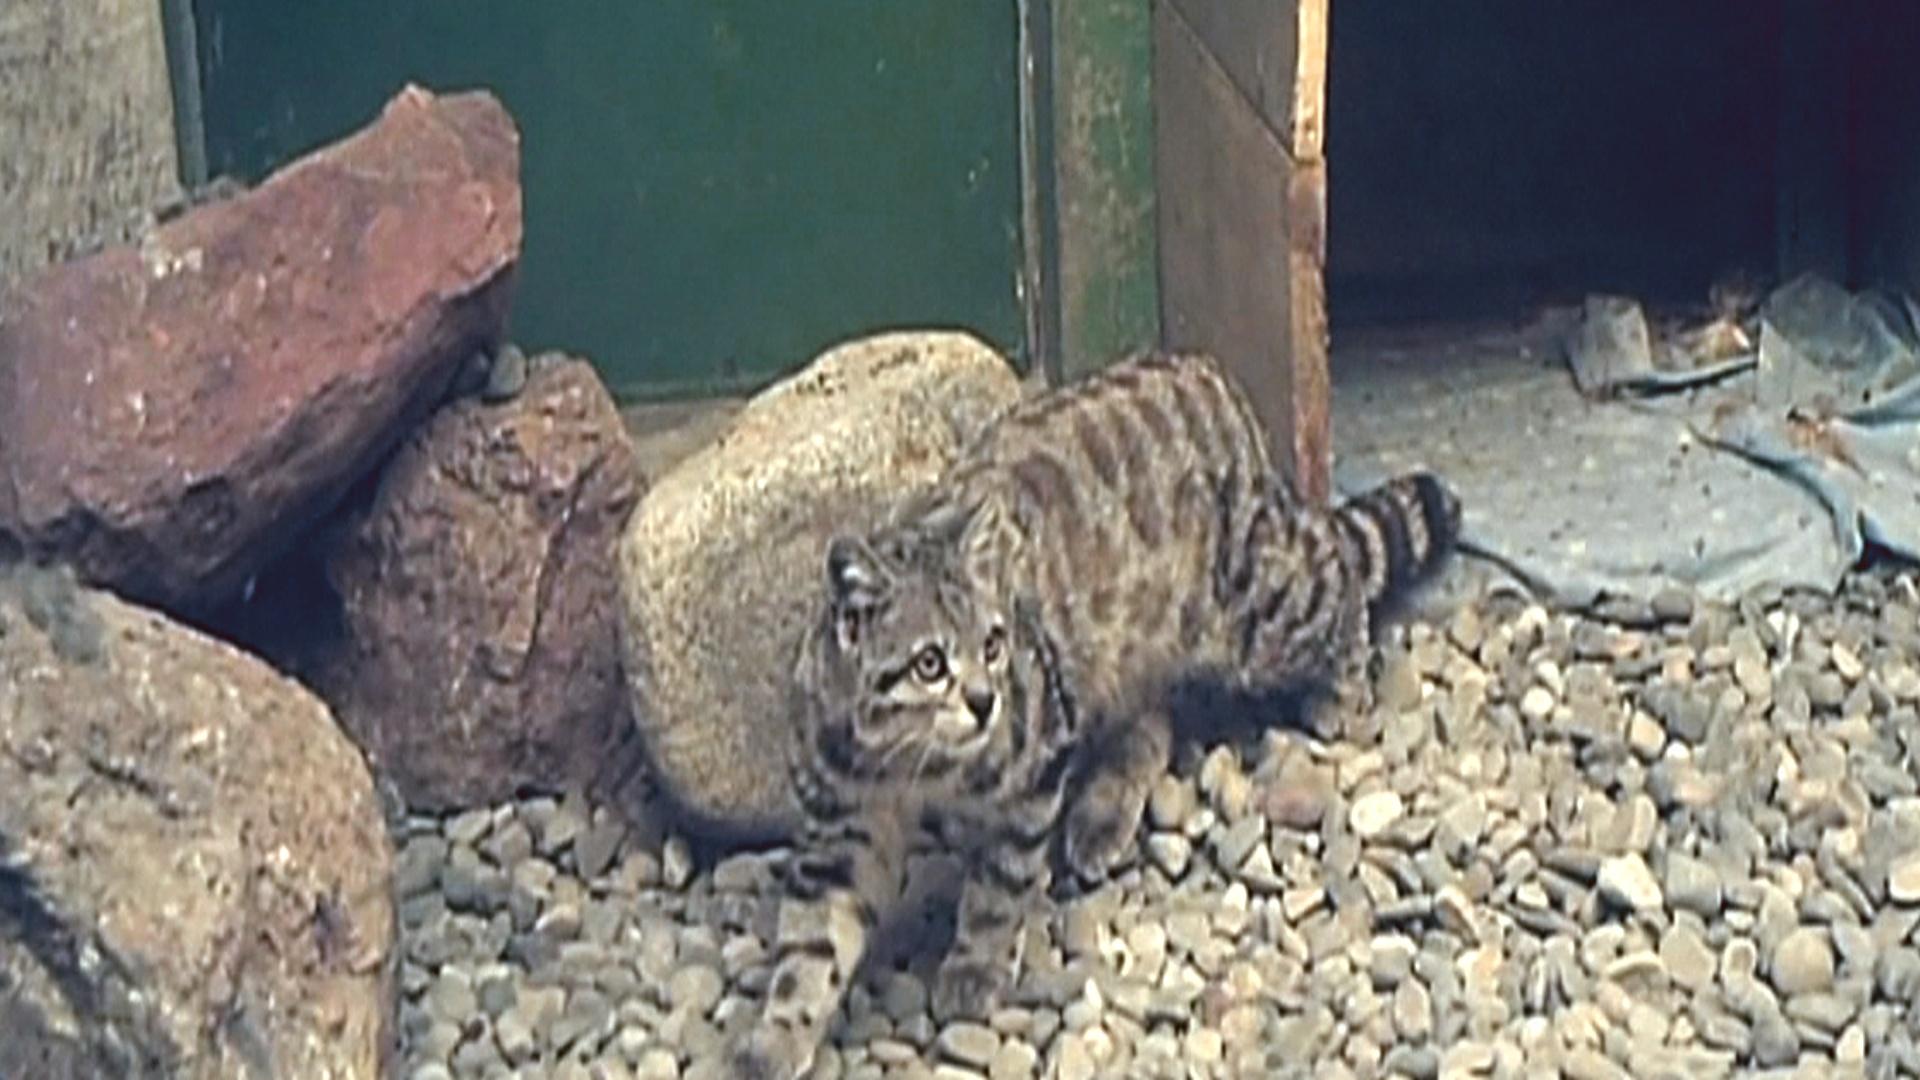 Боливия: редкую андскую кошку выпустили в дикую природу